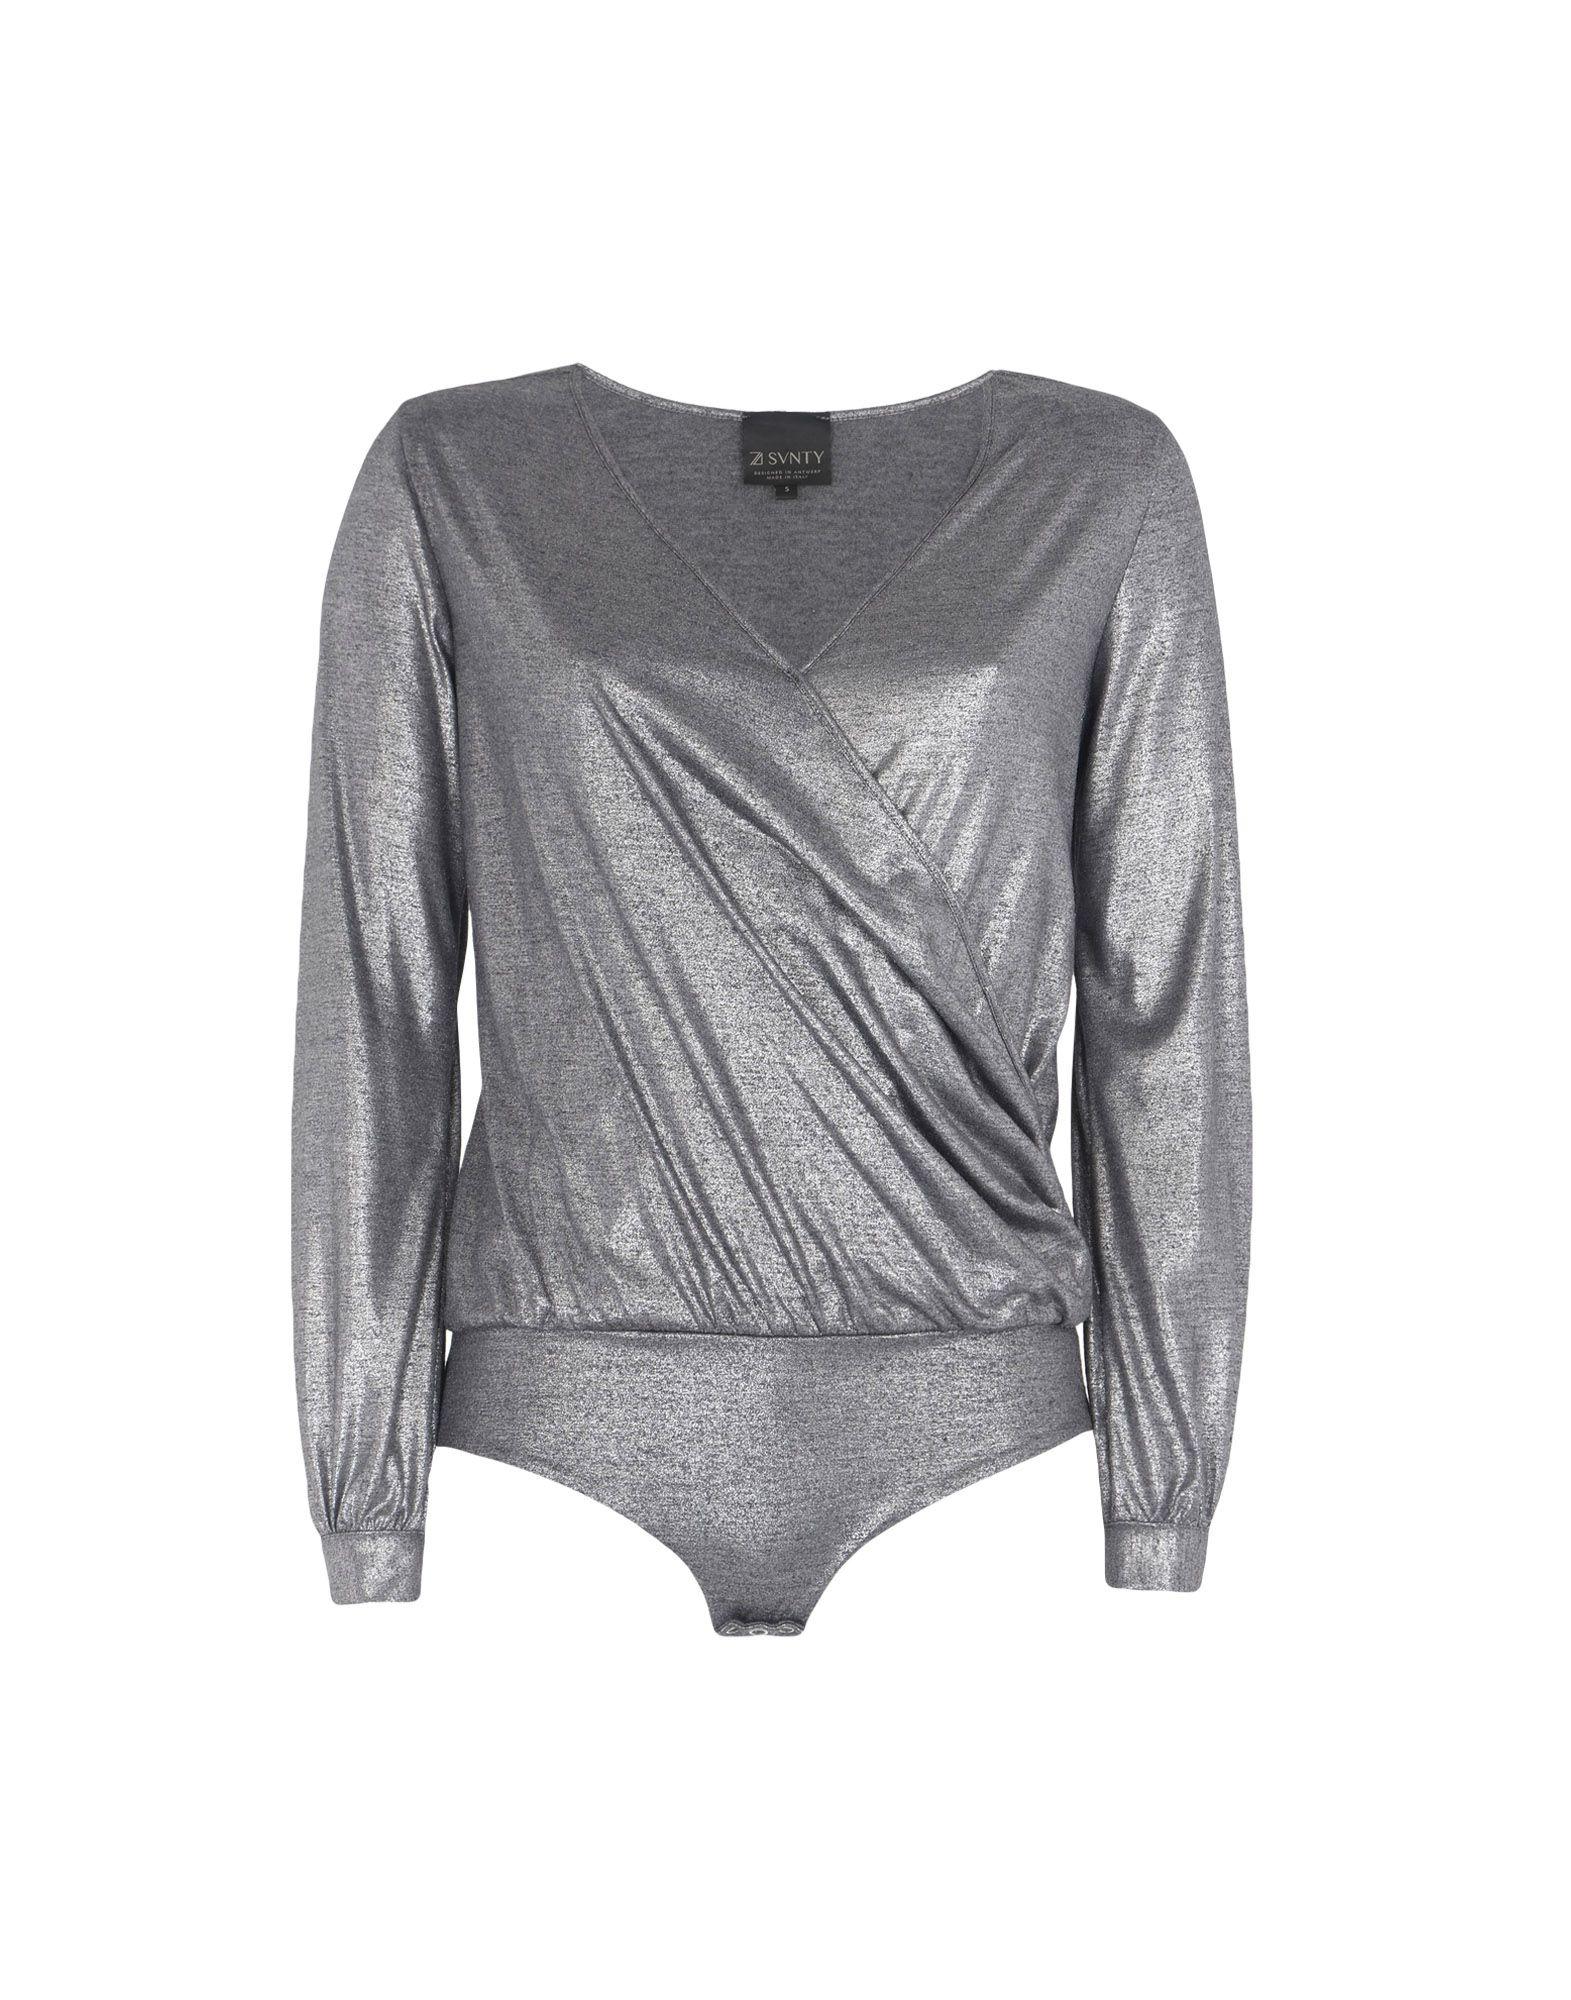 SVNTY T-Shirt in Grey